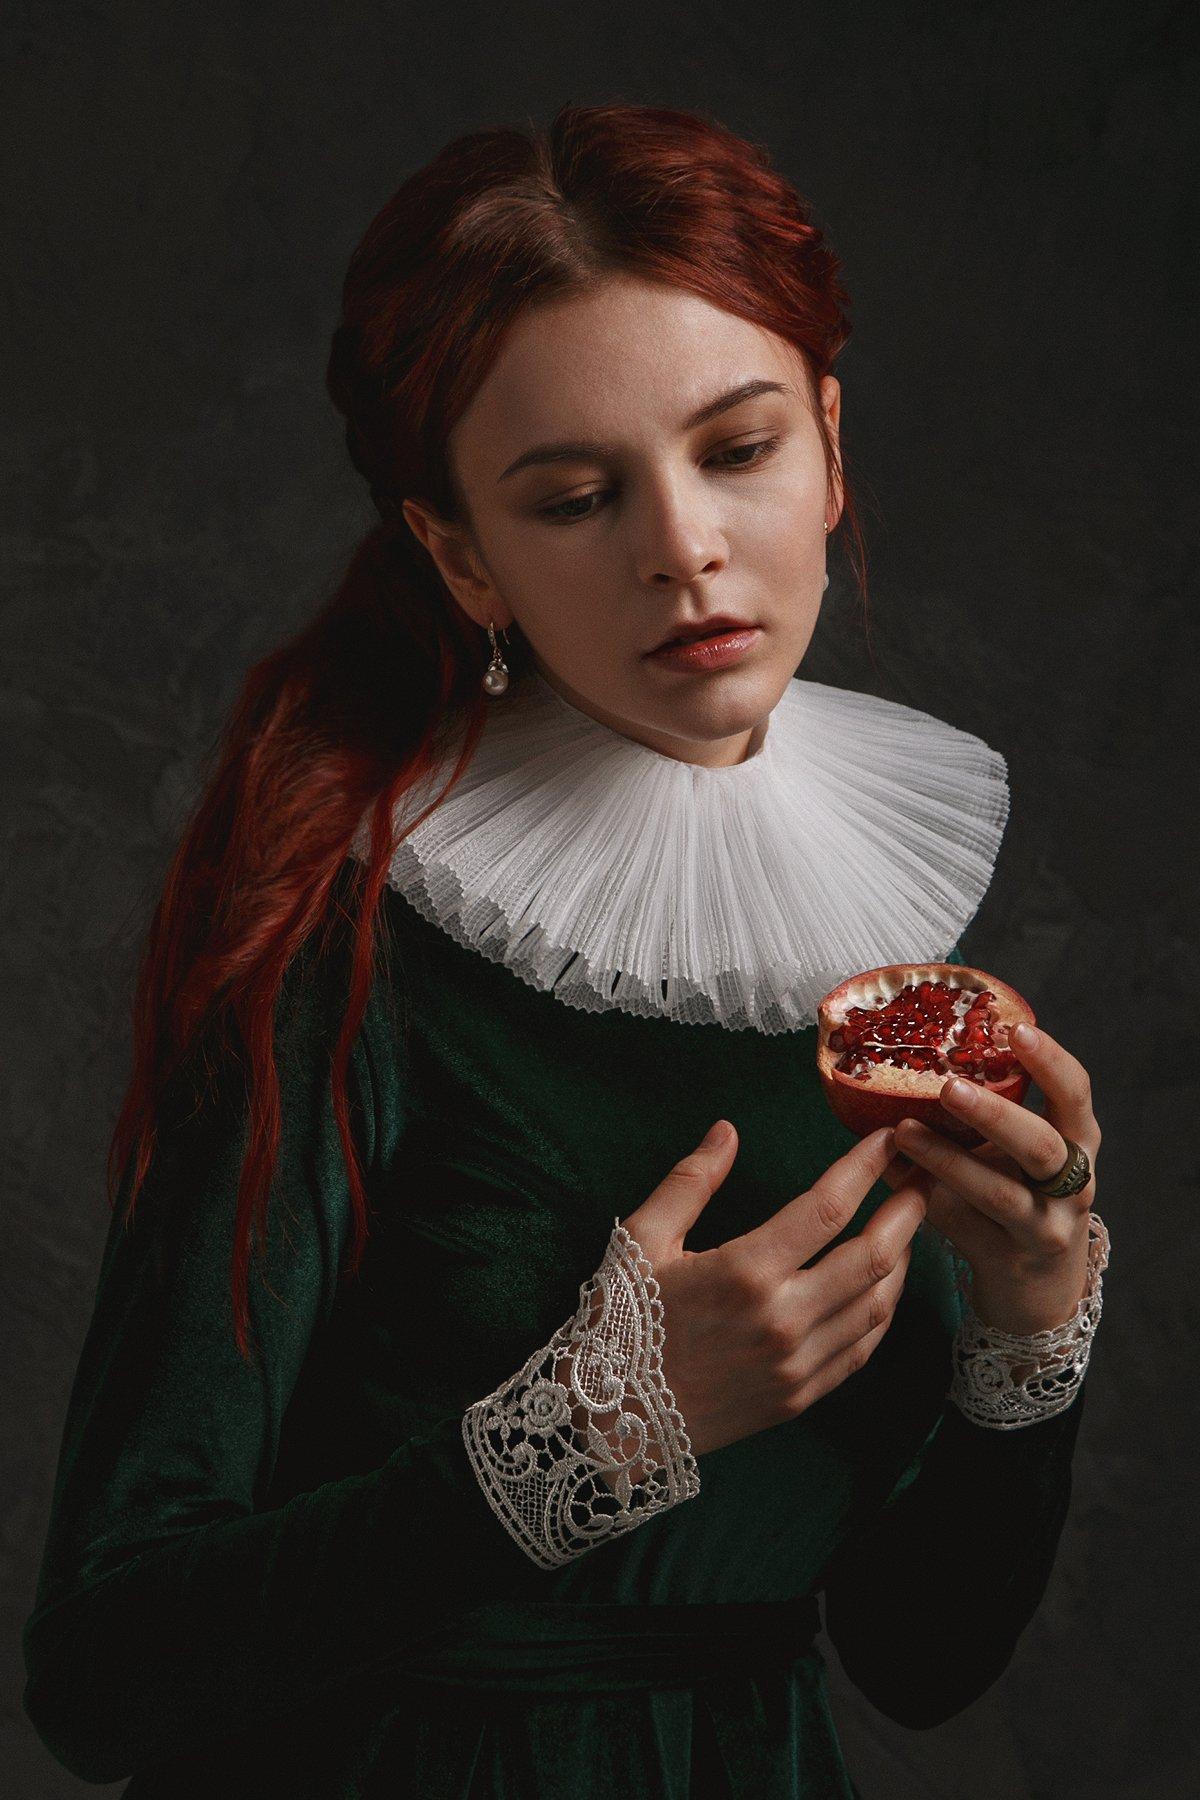 vanitas, гранат, девушка, рыжие волосы, Юлия Дурова